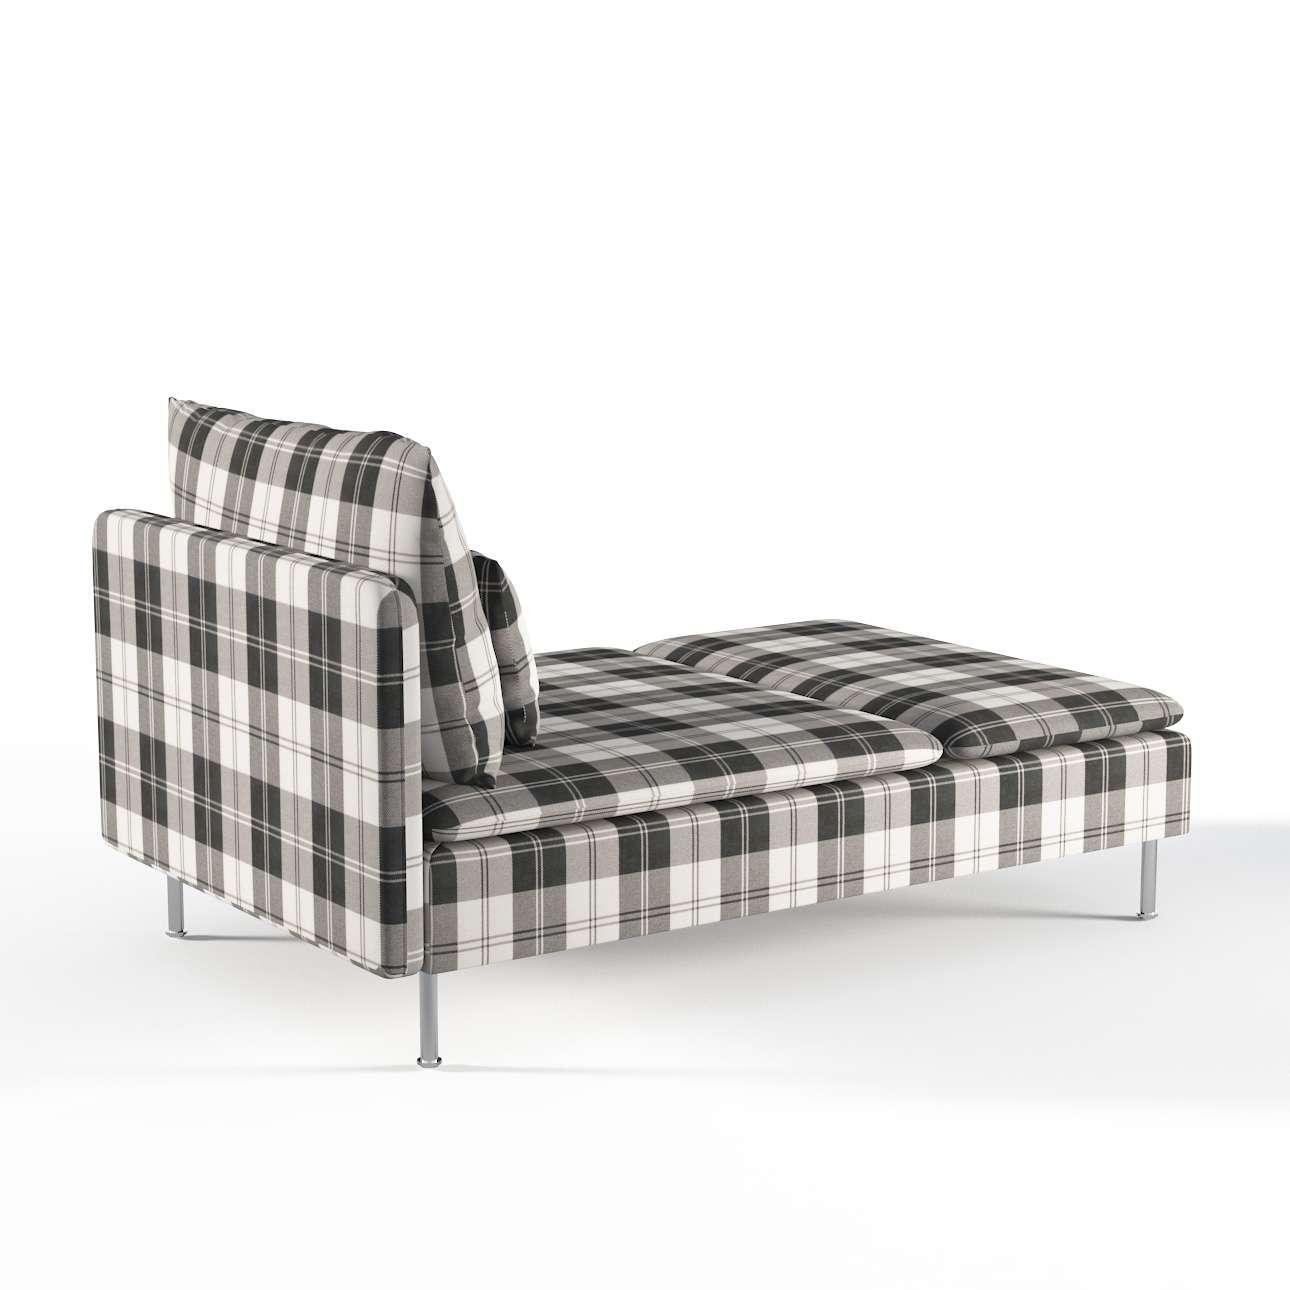 s derhamn bezug f r recamiere schwarz weiss dekoria. Black Bedroom Furniture Sets. Home Design Ideas